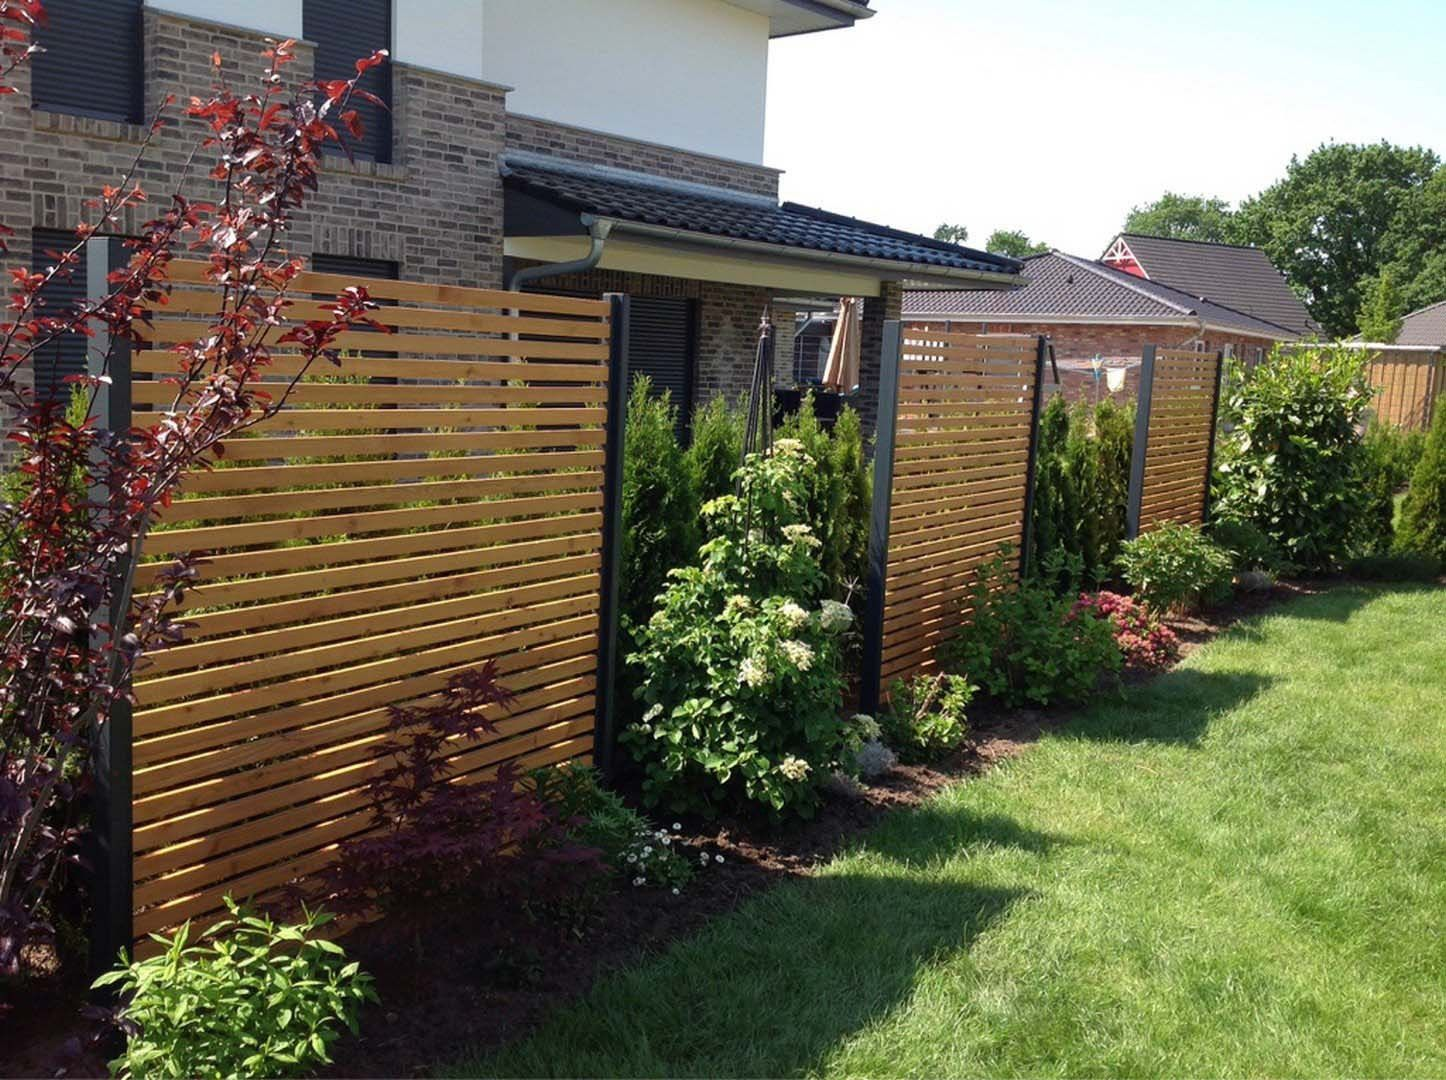 Garten Garten Sichtschutz Aus Holz Sichtschutz Metall Garten Garten ...